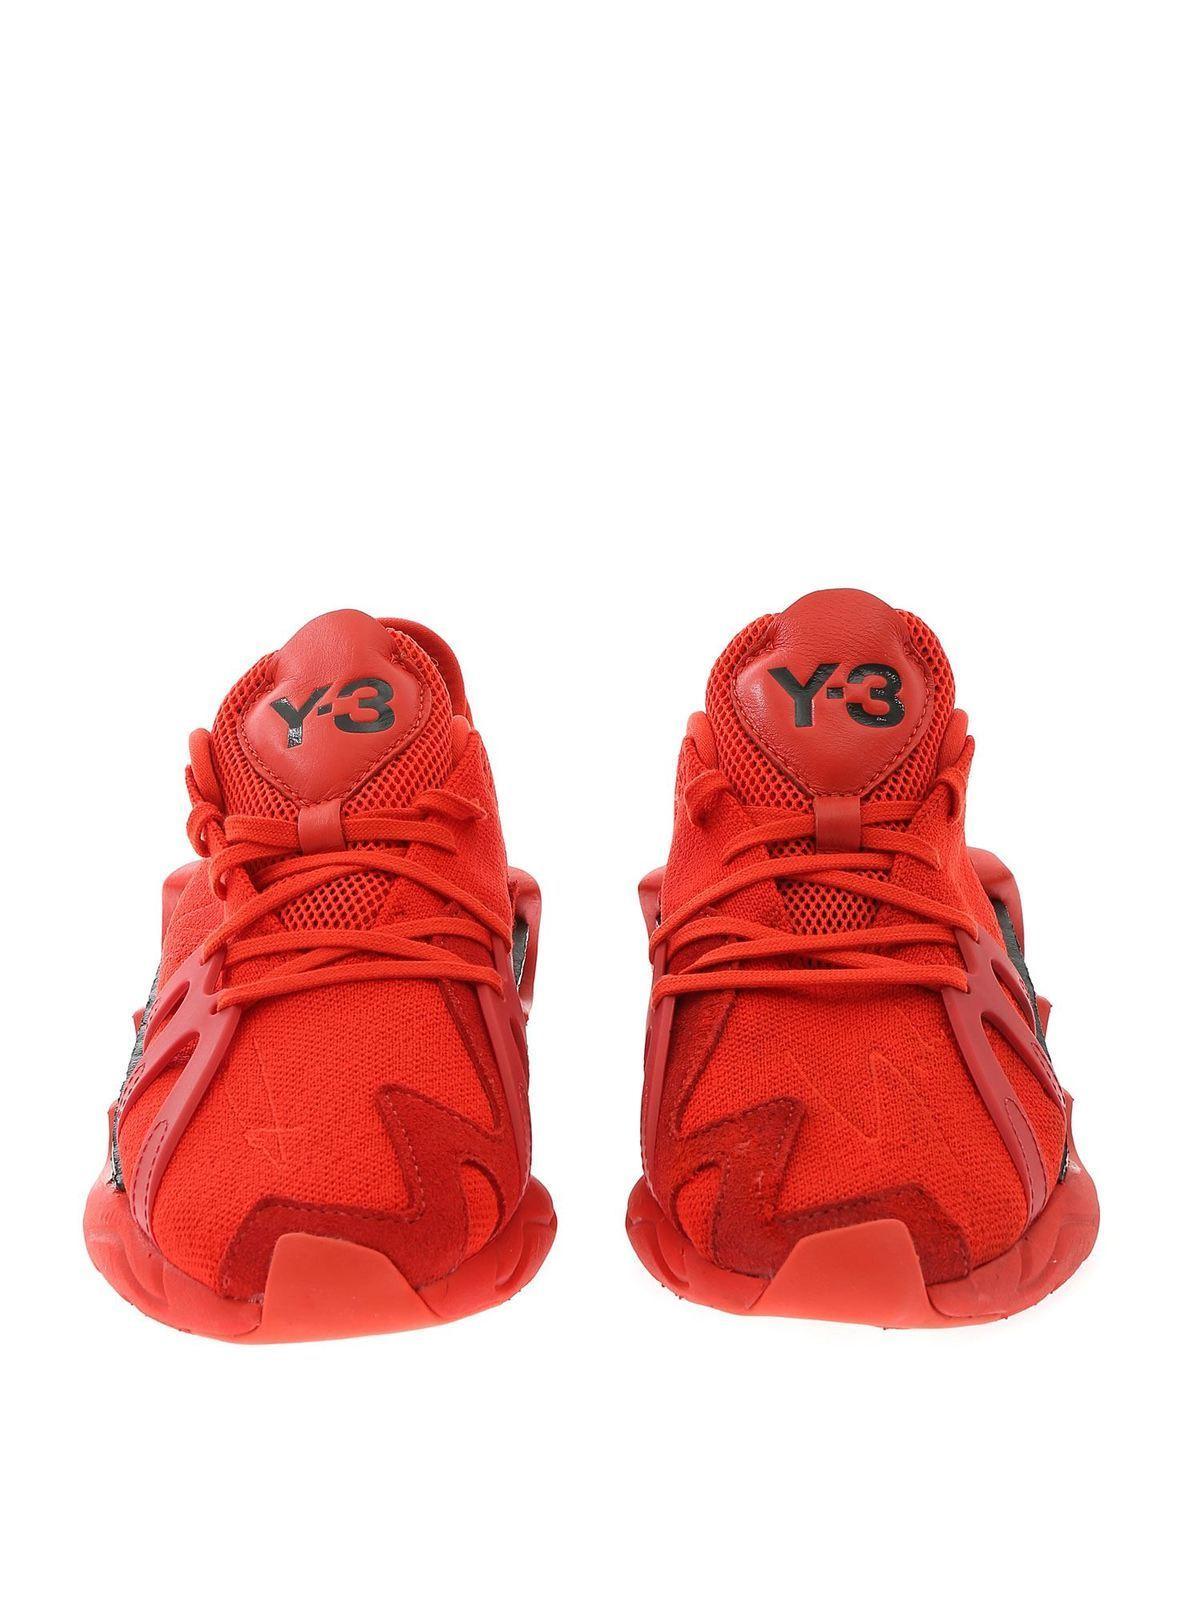 Yohji Yamamoto - FYW S-97 sneakers